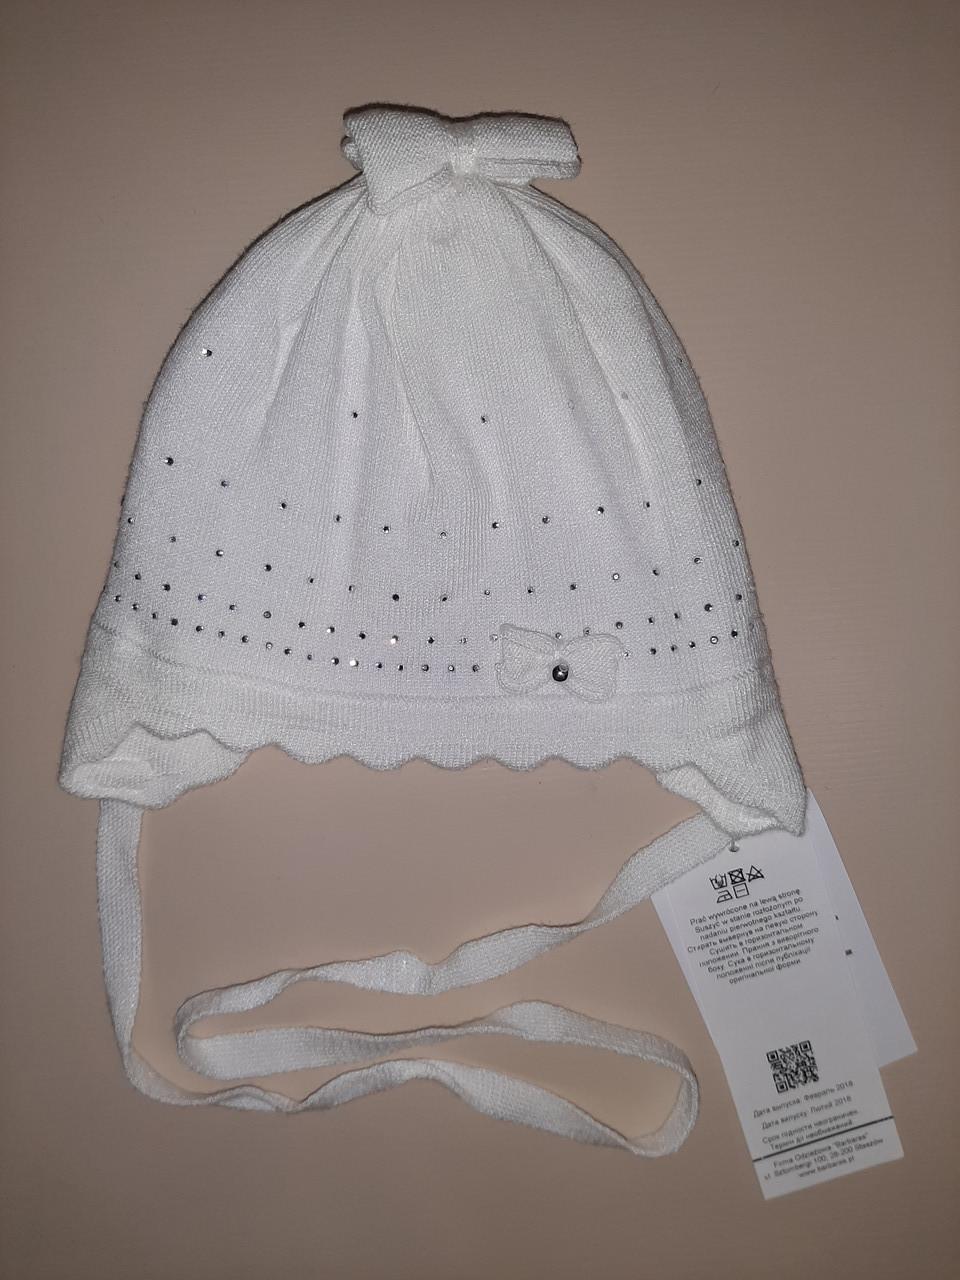 Детская демисезонная шапка для девочки белая р.40-42,42-44 ТМ Barbaras